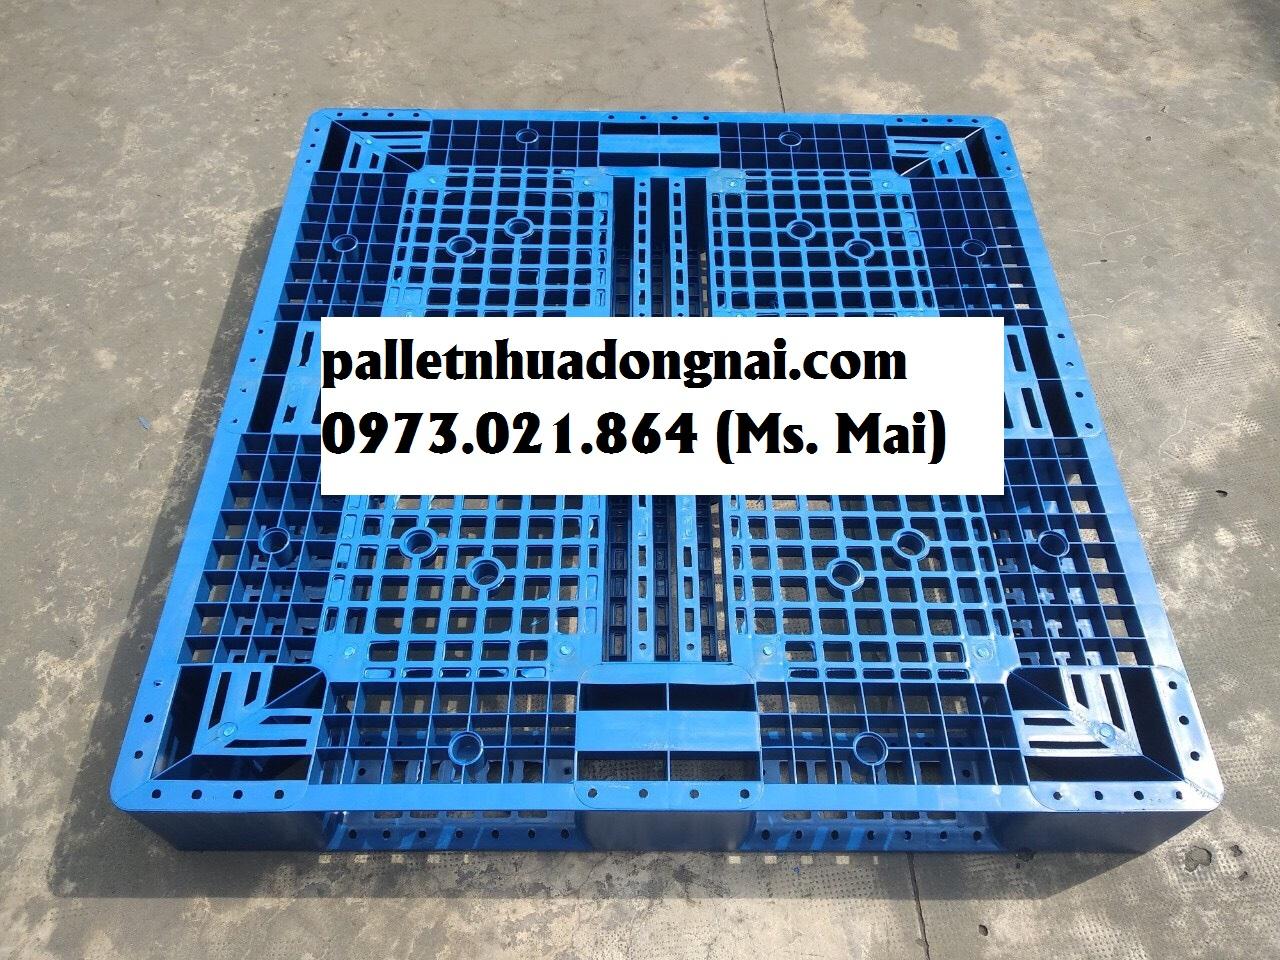 Pallet nhựa Trà Vinh giá rẻ, vận chuyển tận nơi